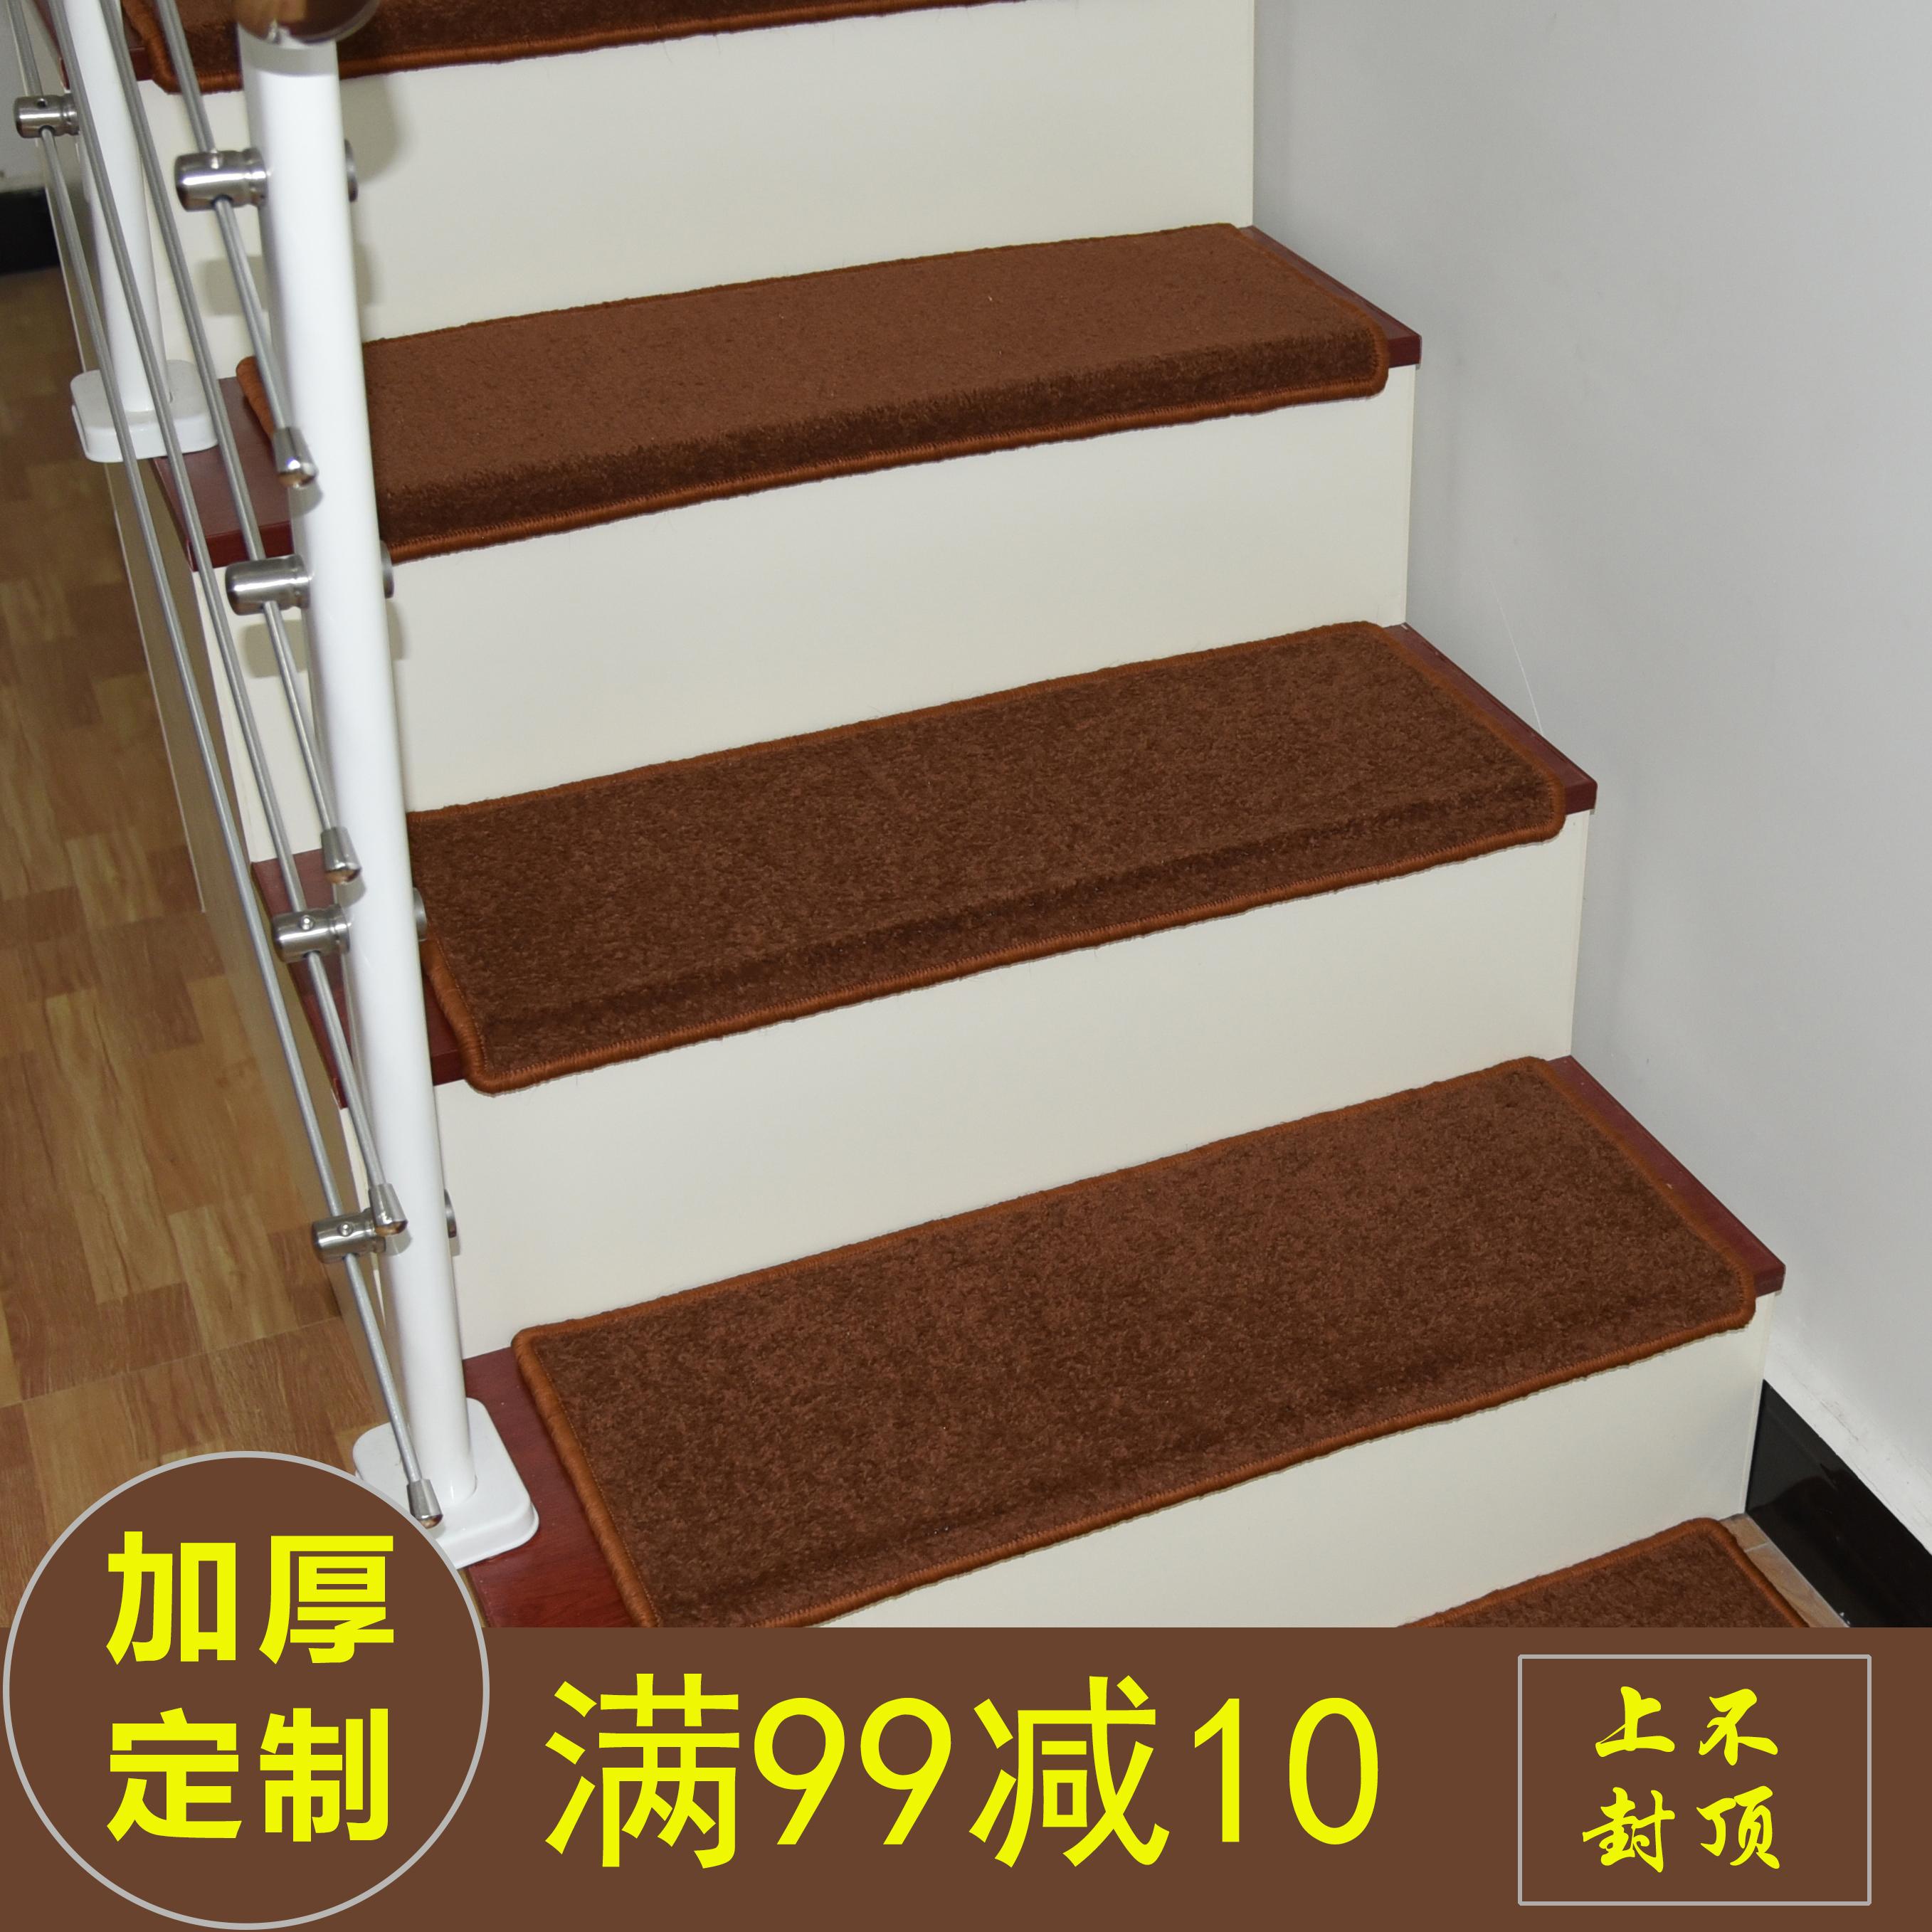 Cầu thang thảm màu rắn không trượt bước mat từ keo tự dính rắn gỗ cầu thang mat góc nhà câm có thể được tùy chỉnh